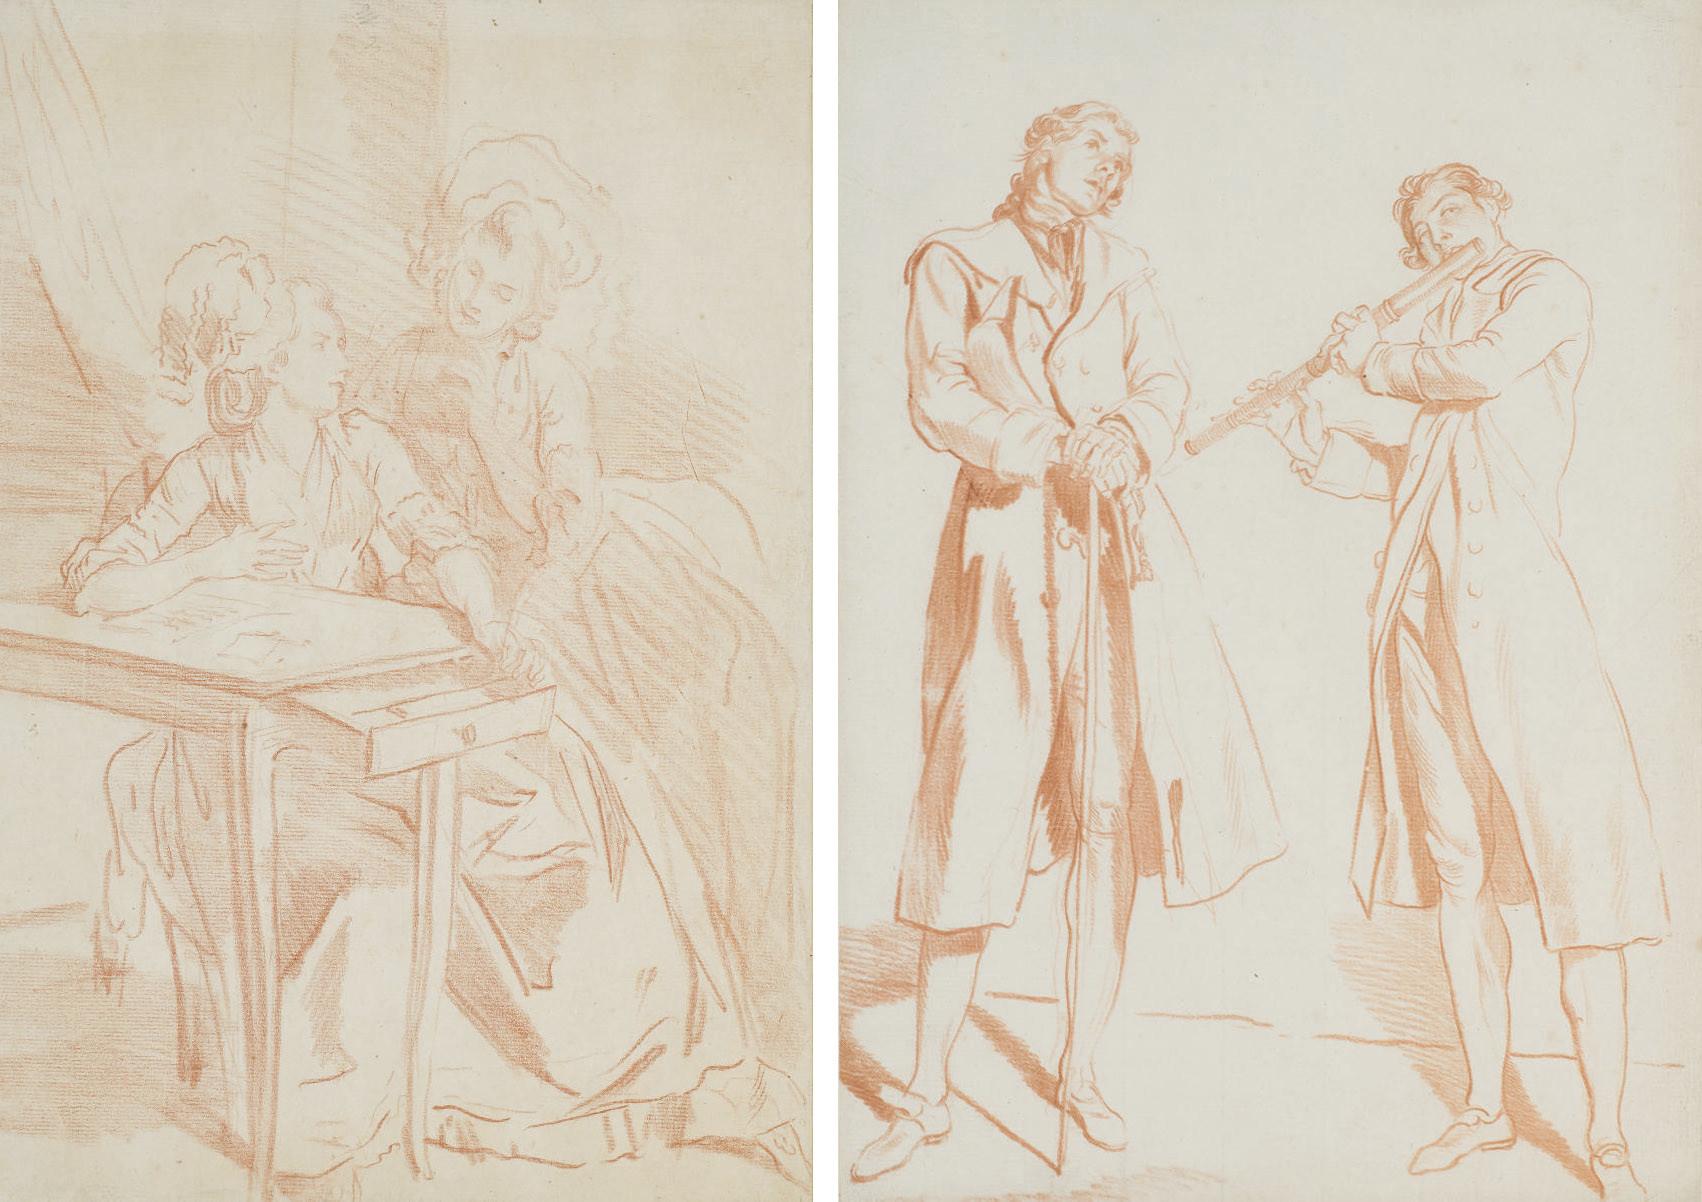 Jeune femme au chapeau; Jeune femme assise; Deux femmes assises près d'une table; et Deux hommes dont l'un jouant de la flûte traversière